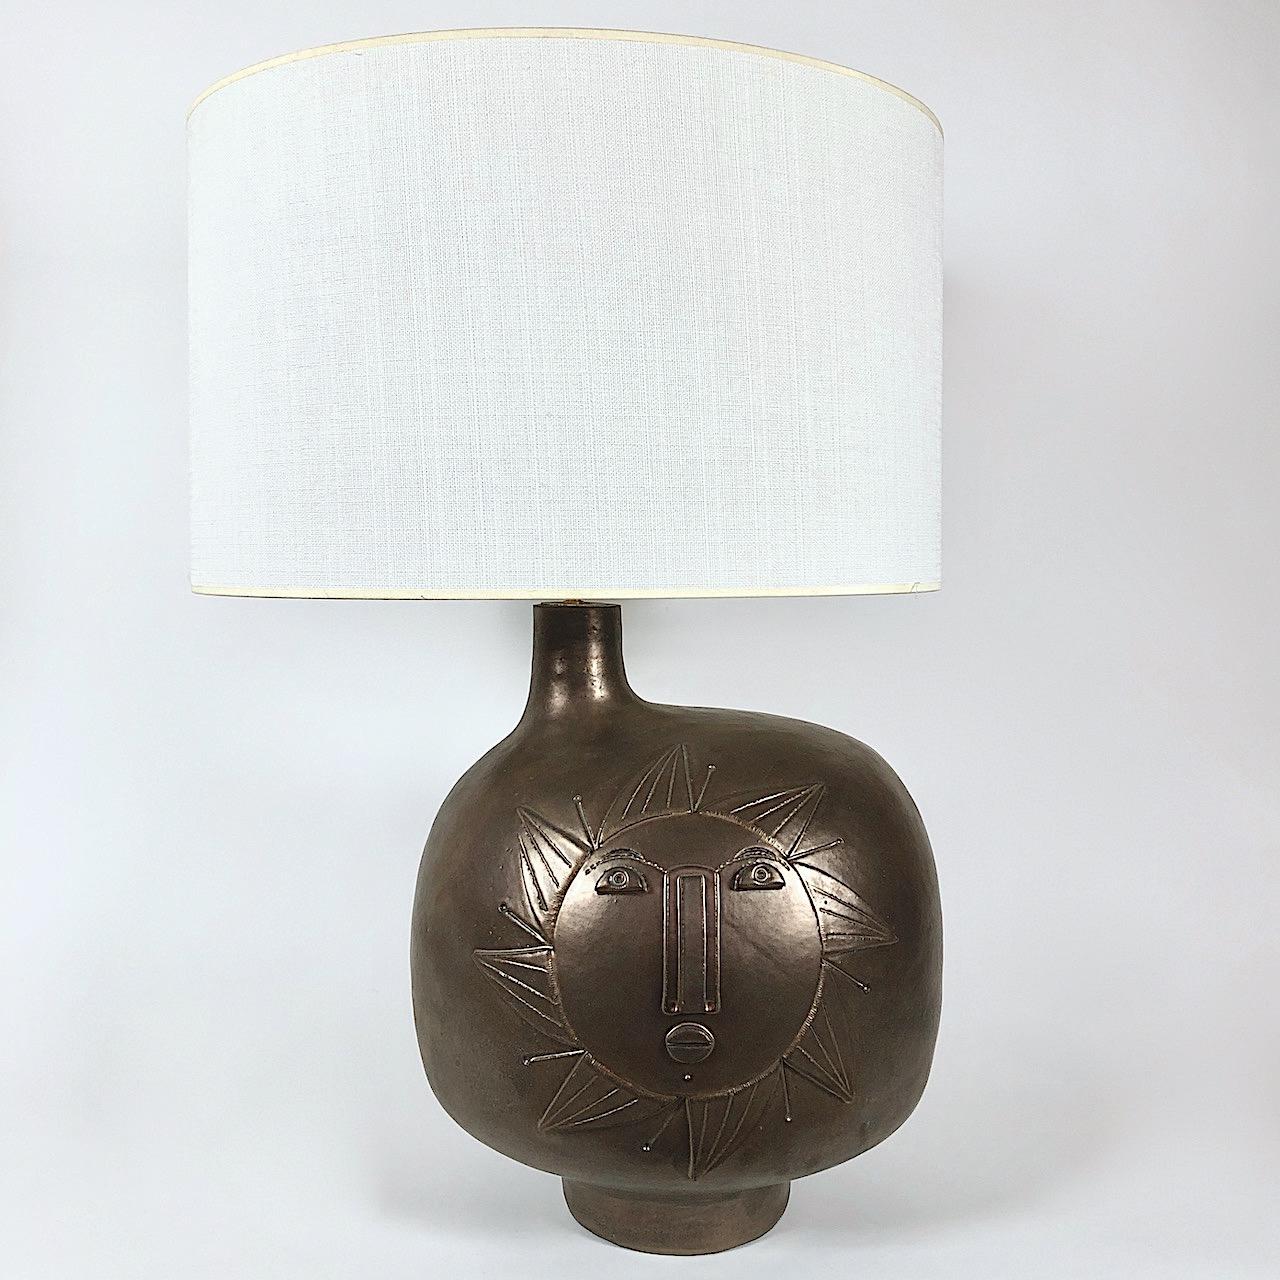 DaLo - Pied de lampe Soleils